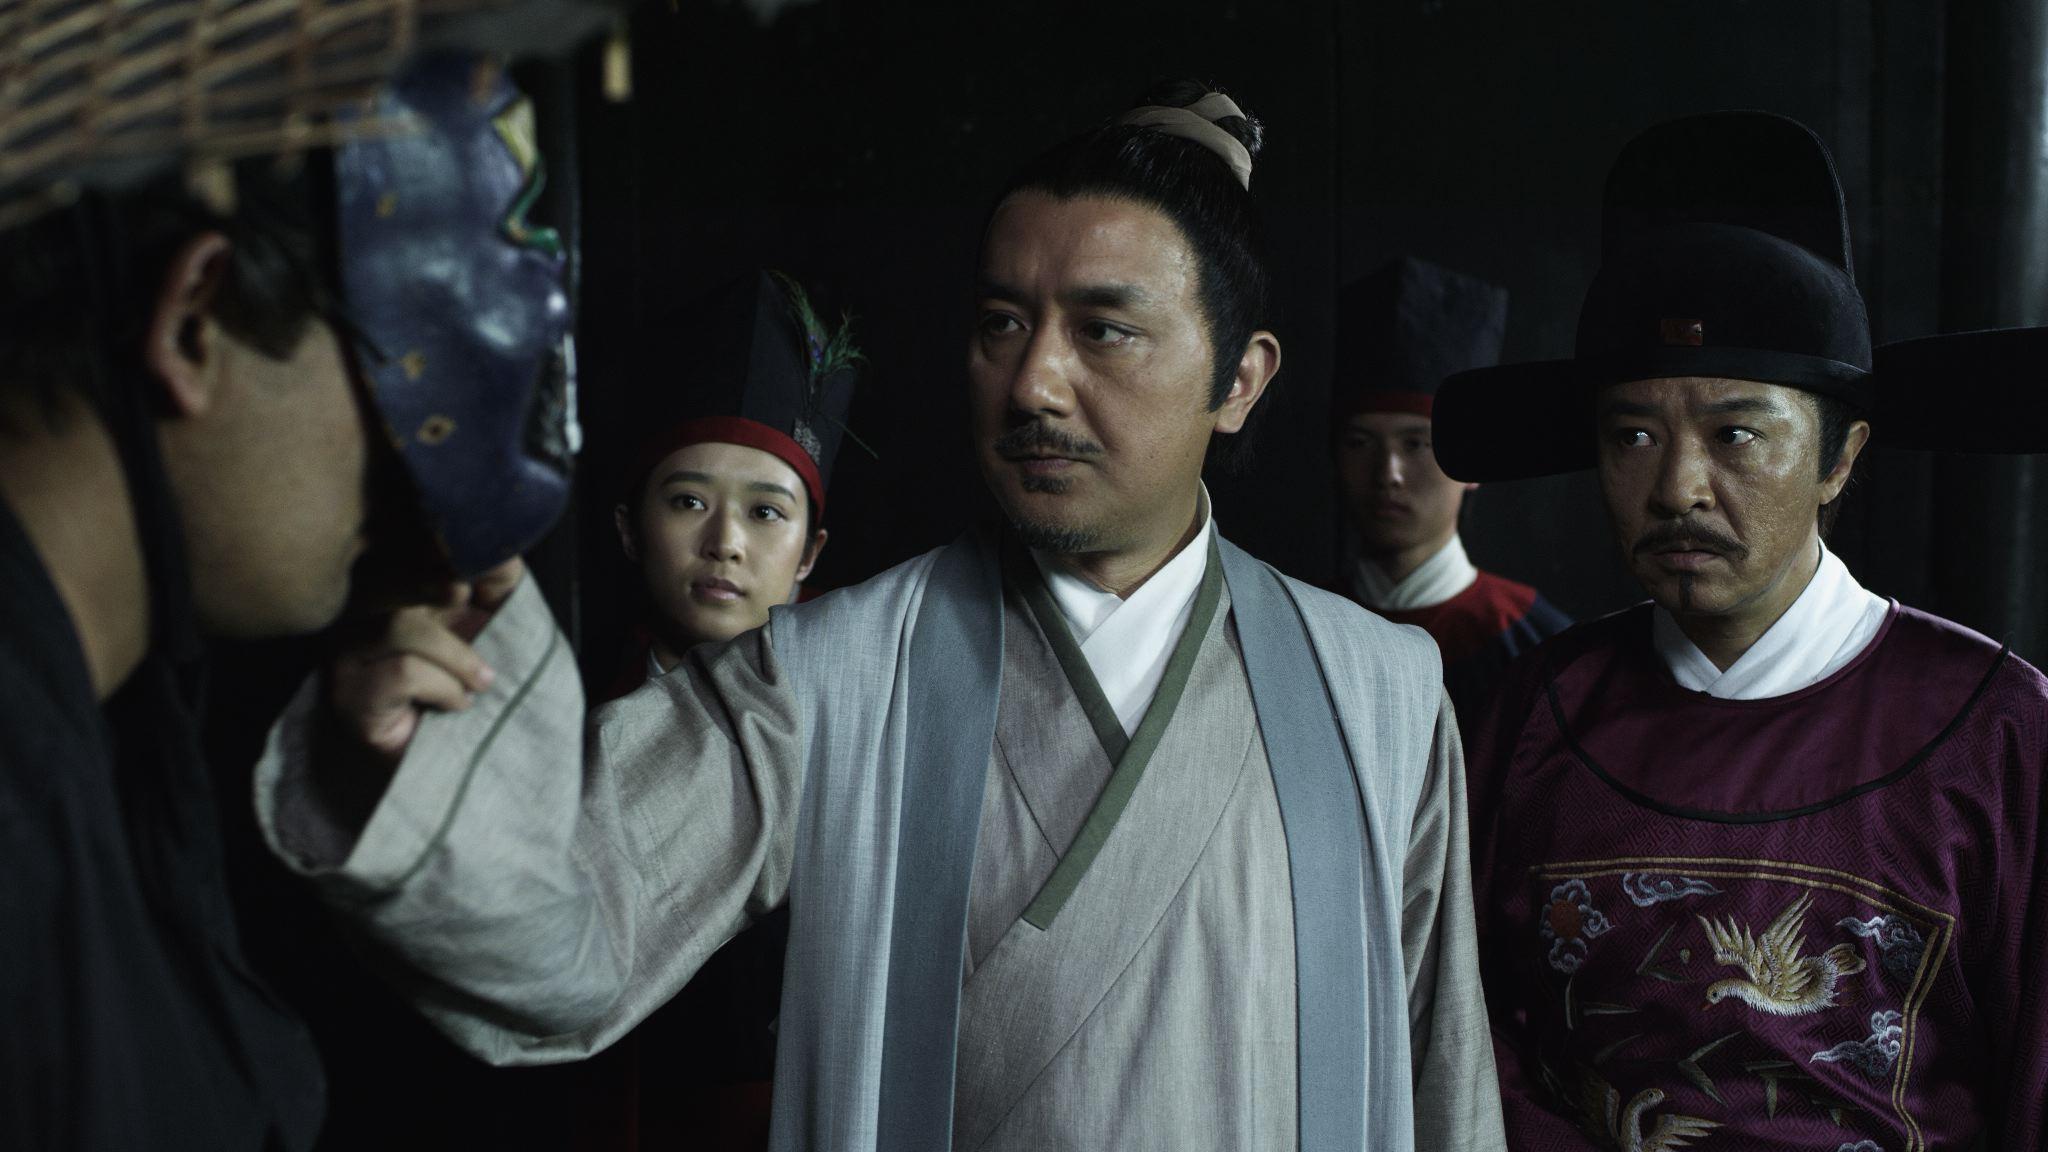 35集古装悬疑断案剧《大明按察使》